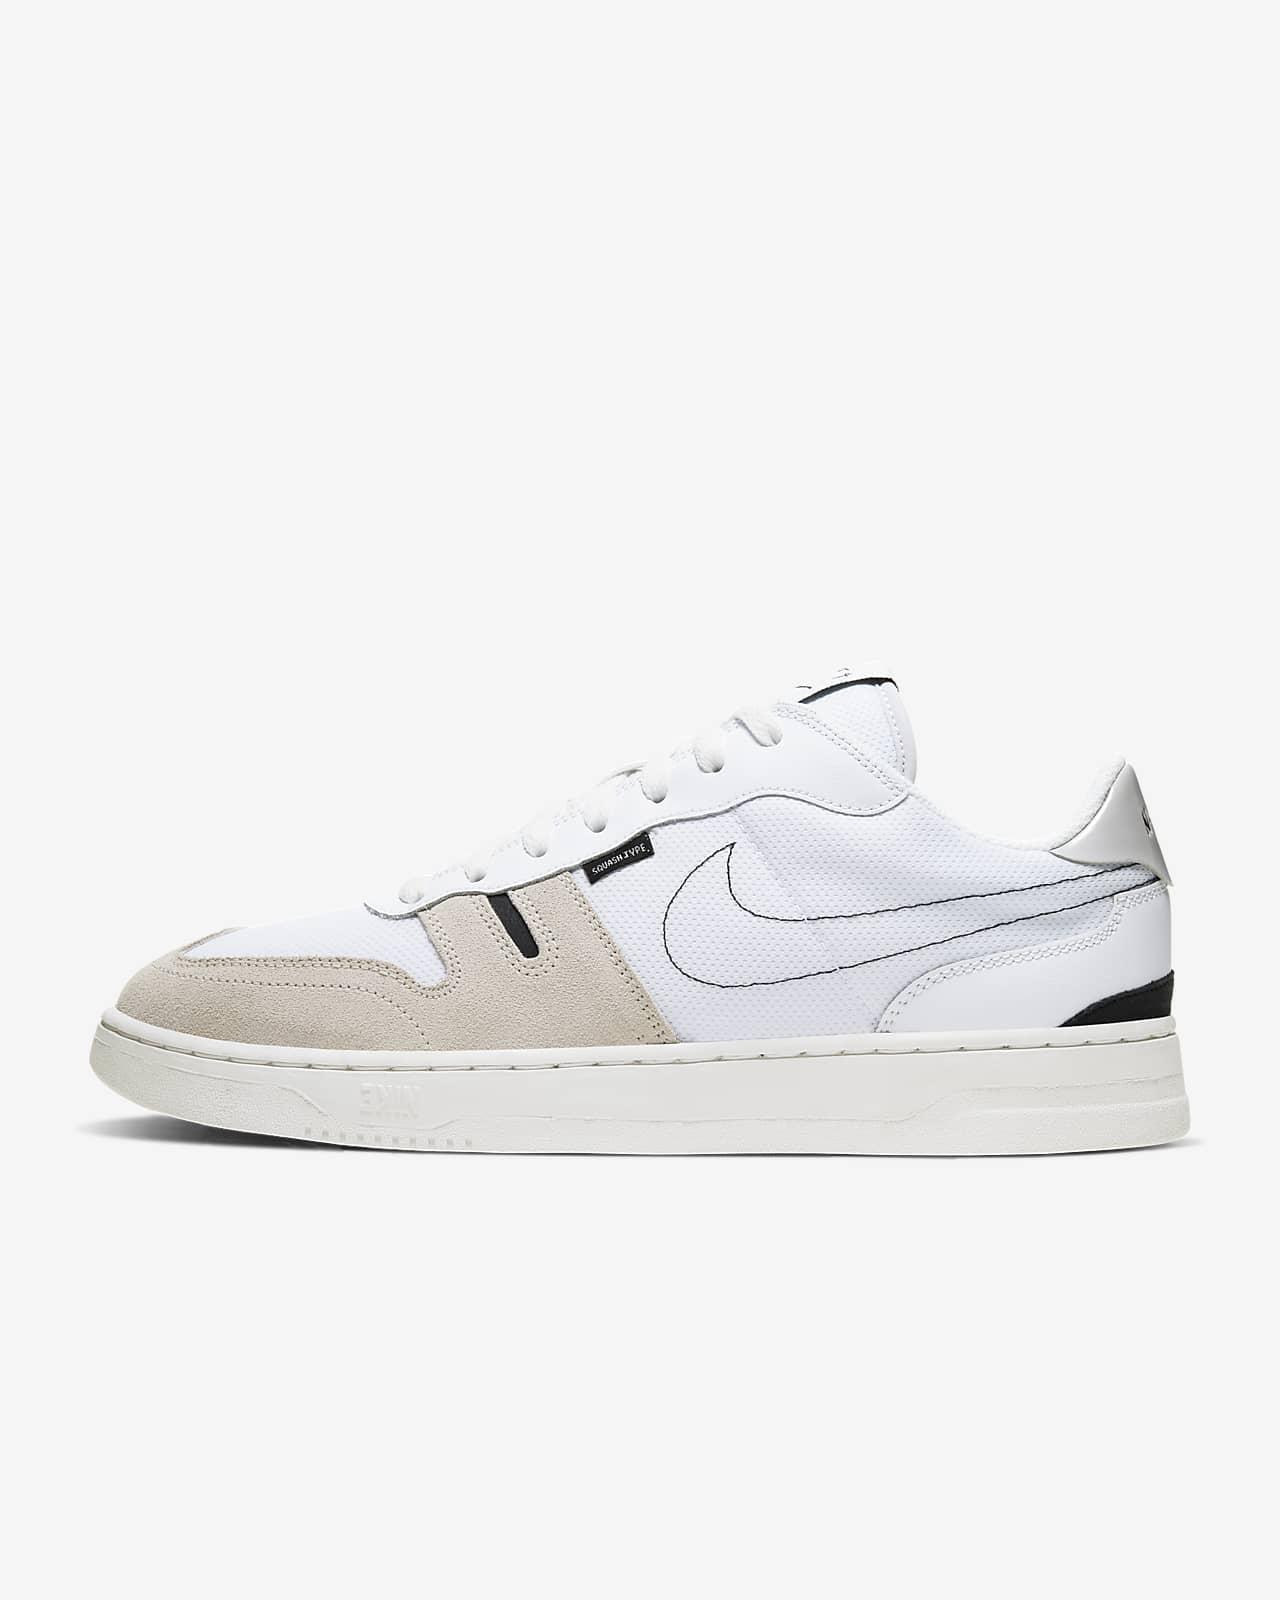 Pánská bota Nike Squash-Type